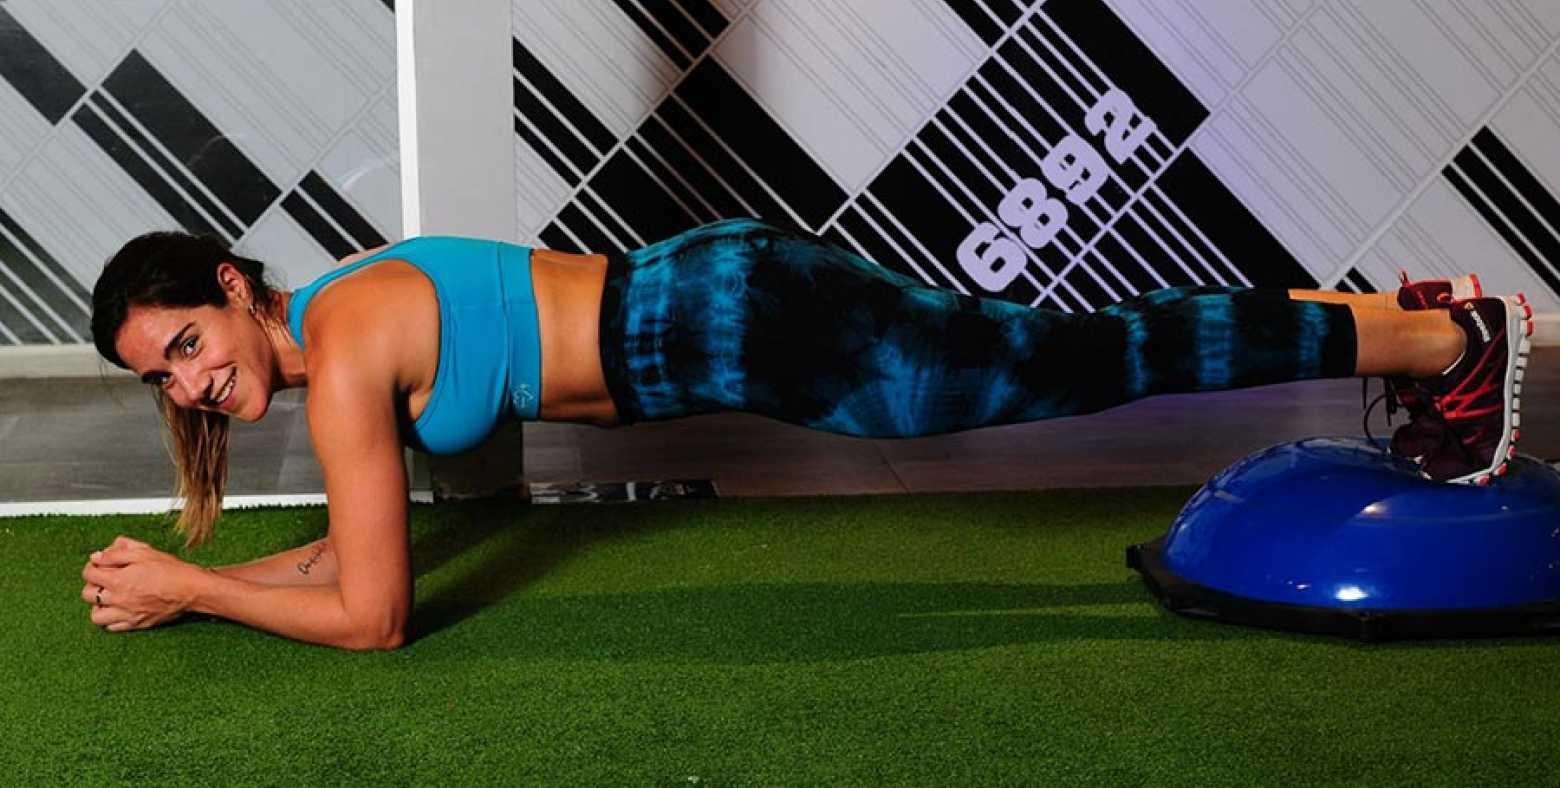 Woman doing body weight workout on bosu ball